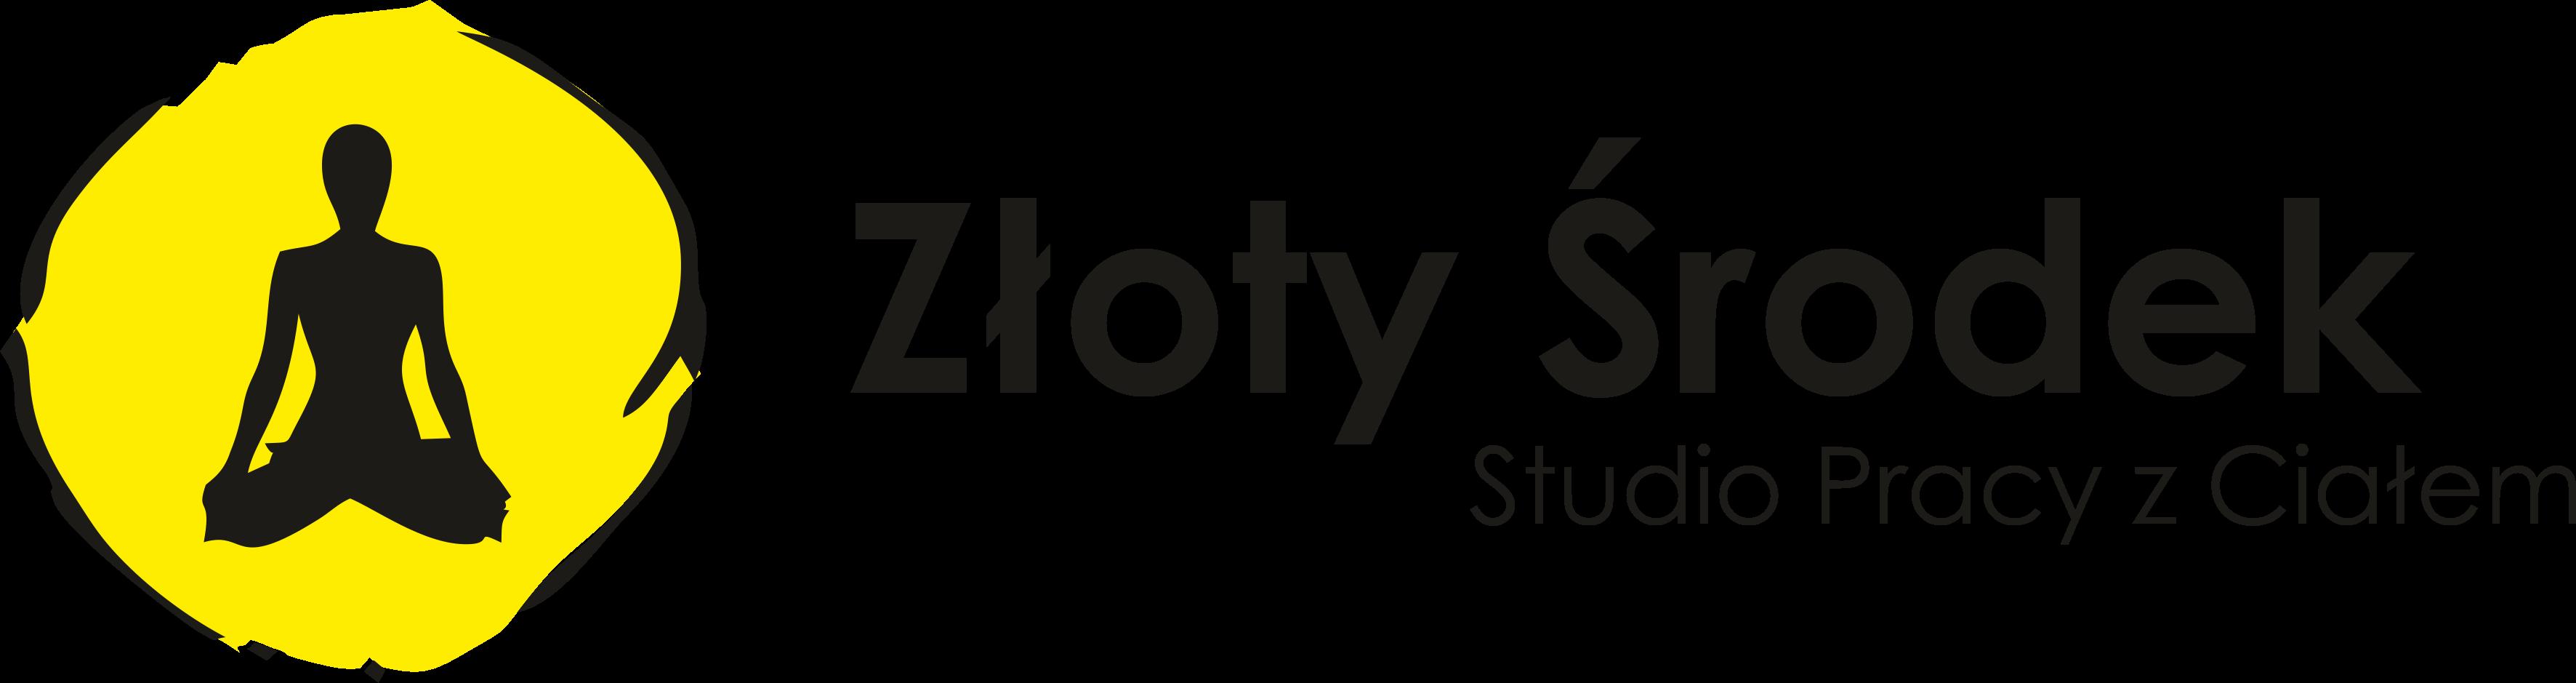 Złoty Środek Studio